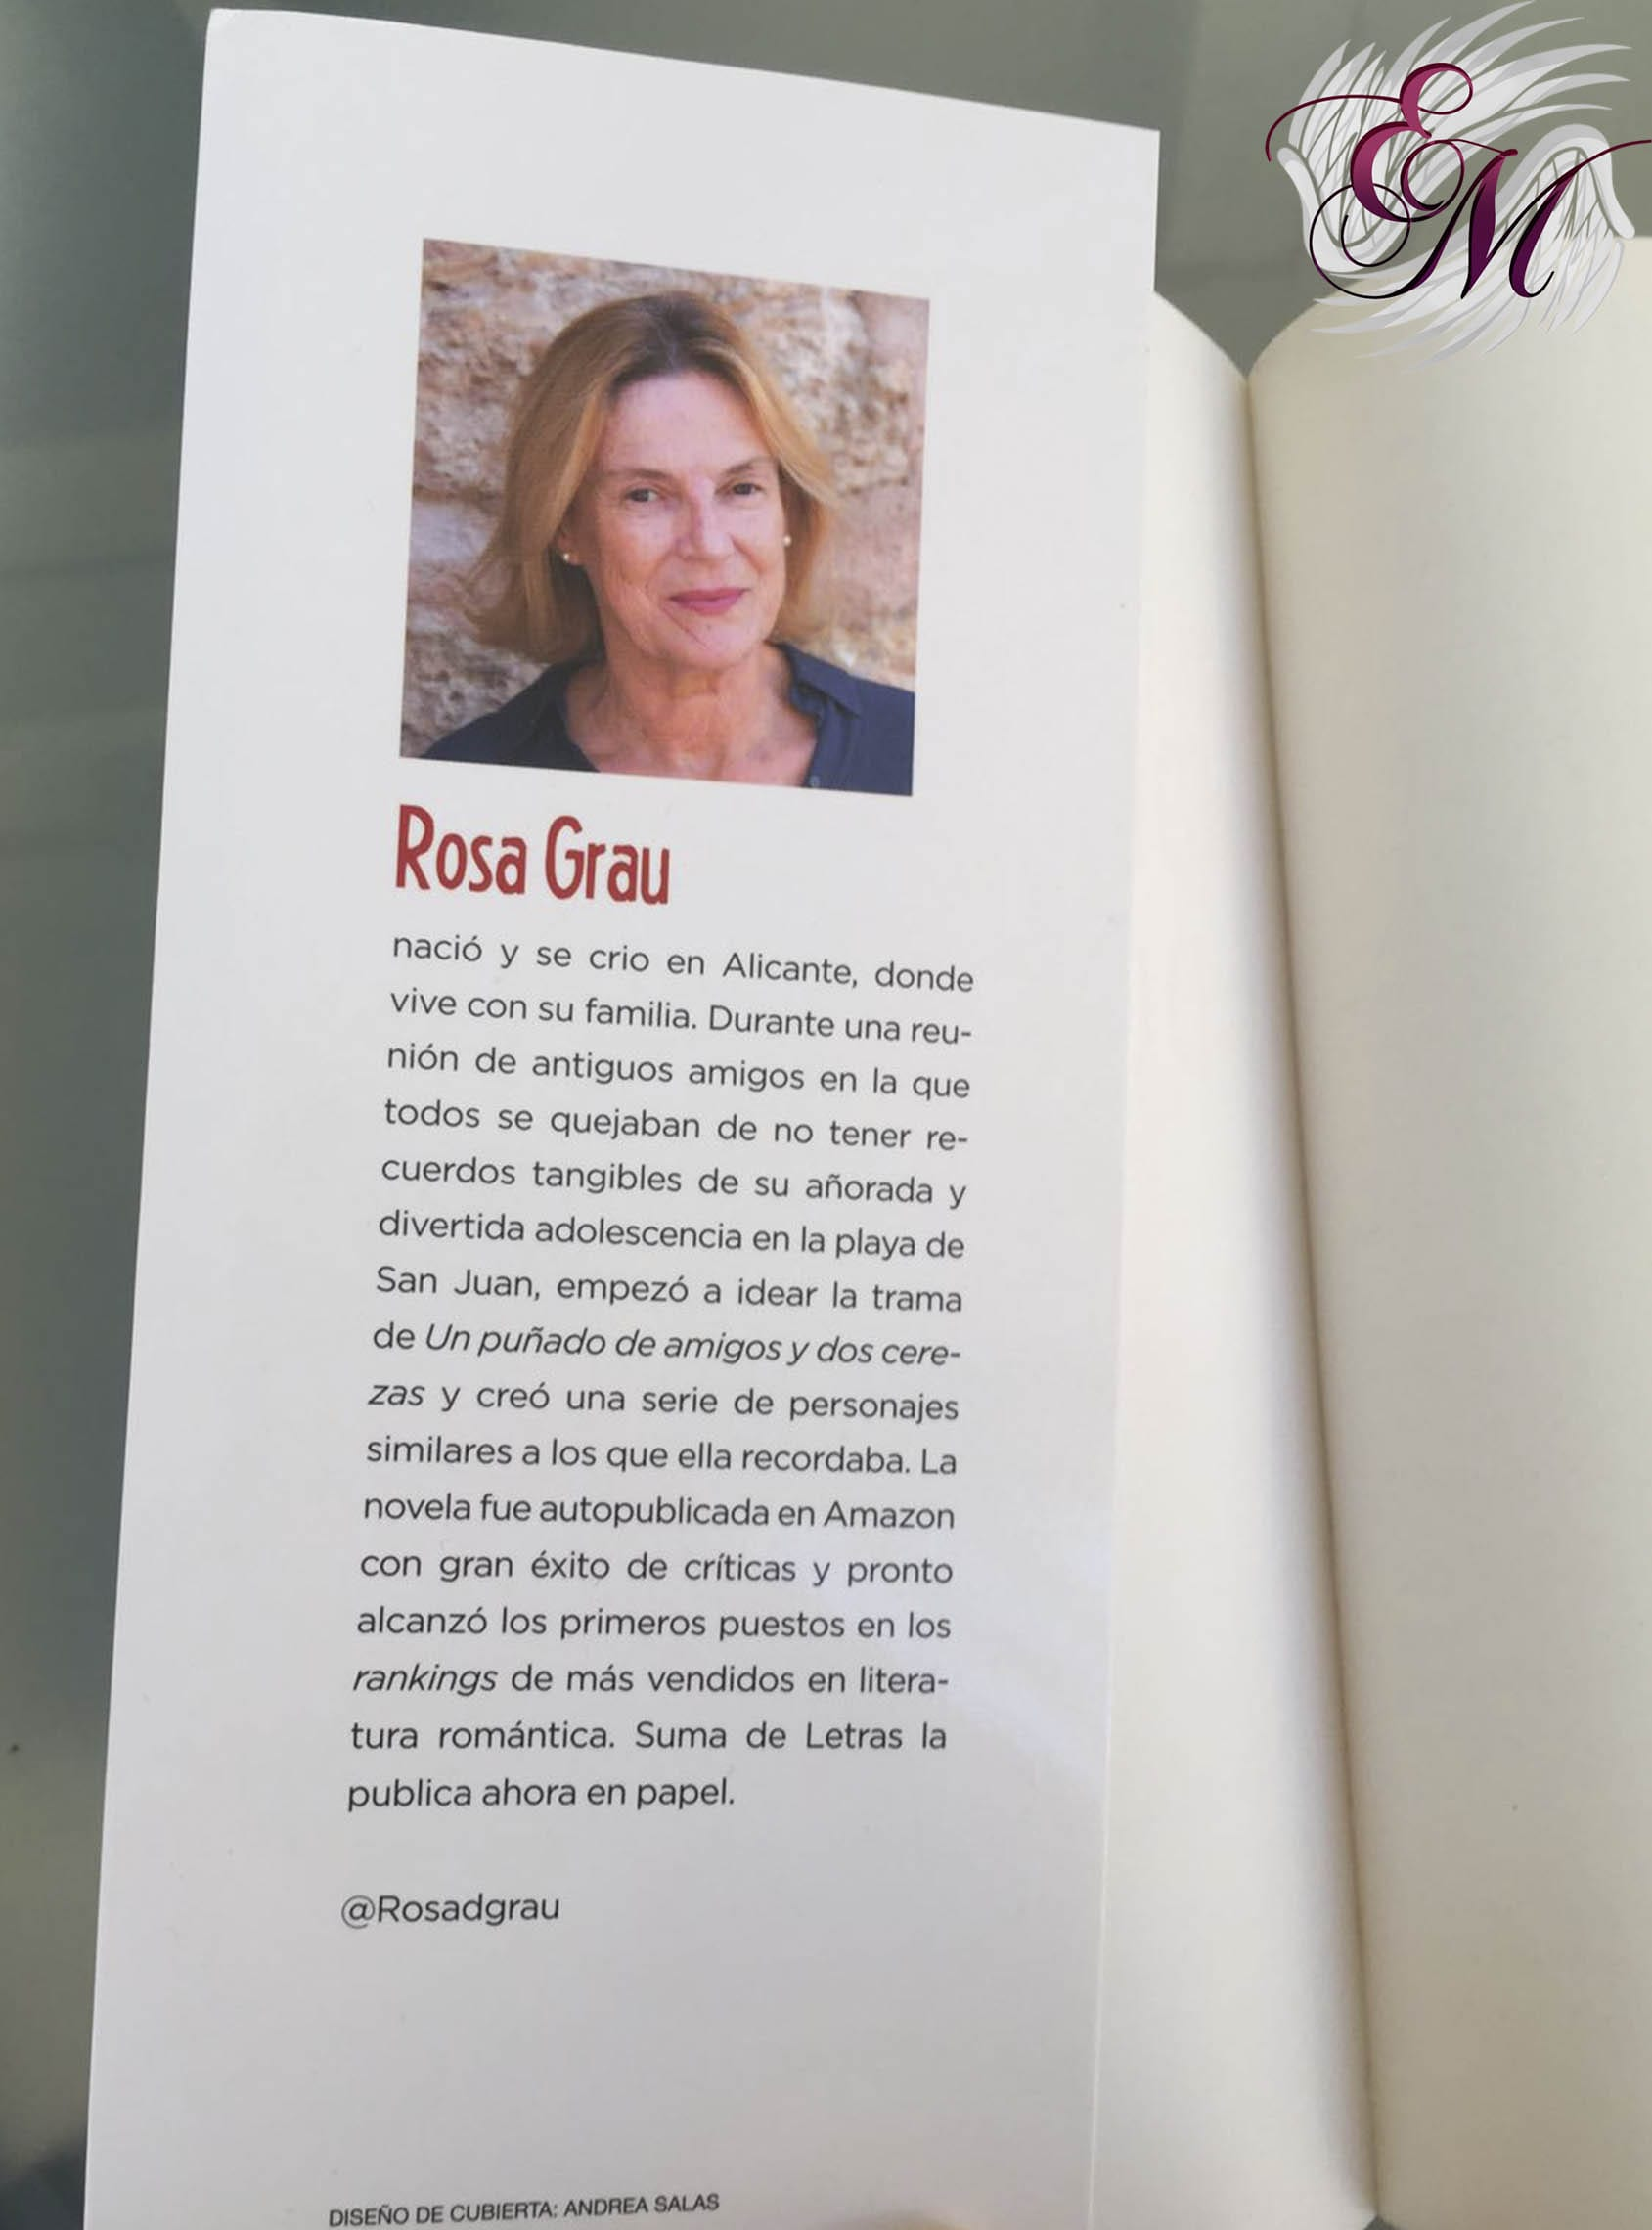 Un puñado de amigos y dos cerezas, de Rosa Grau - Reseña